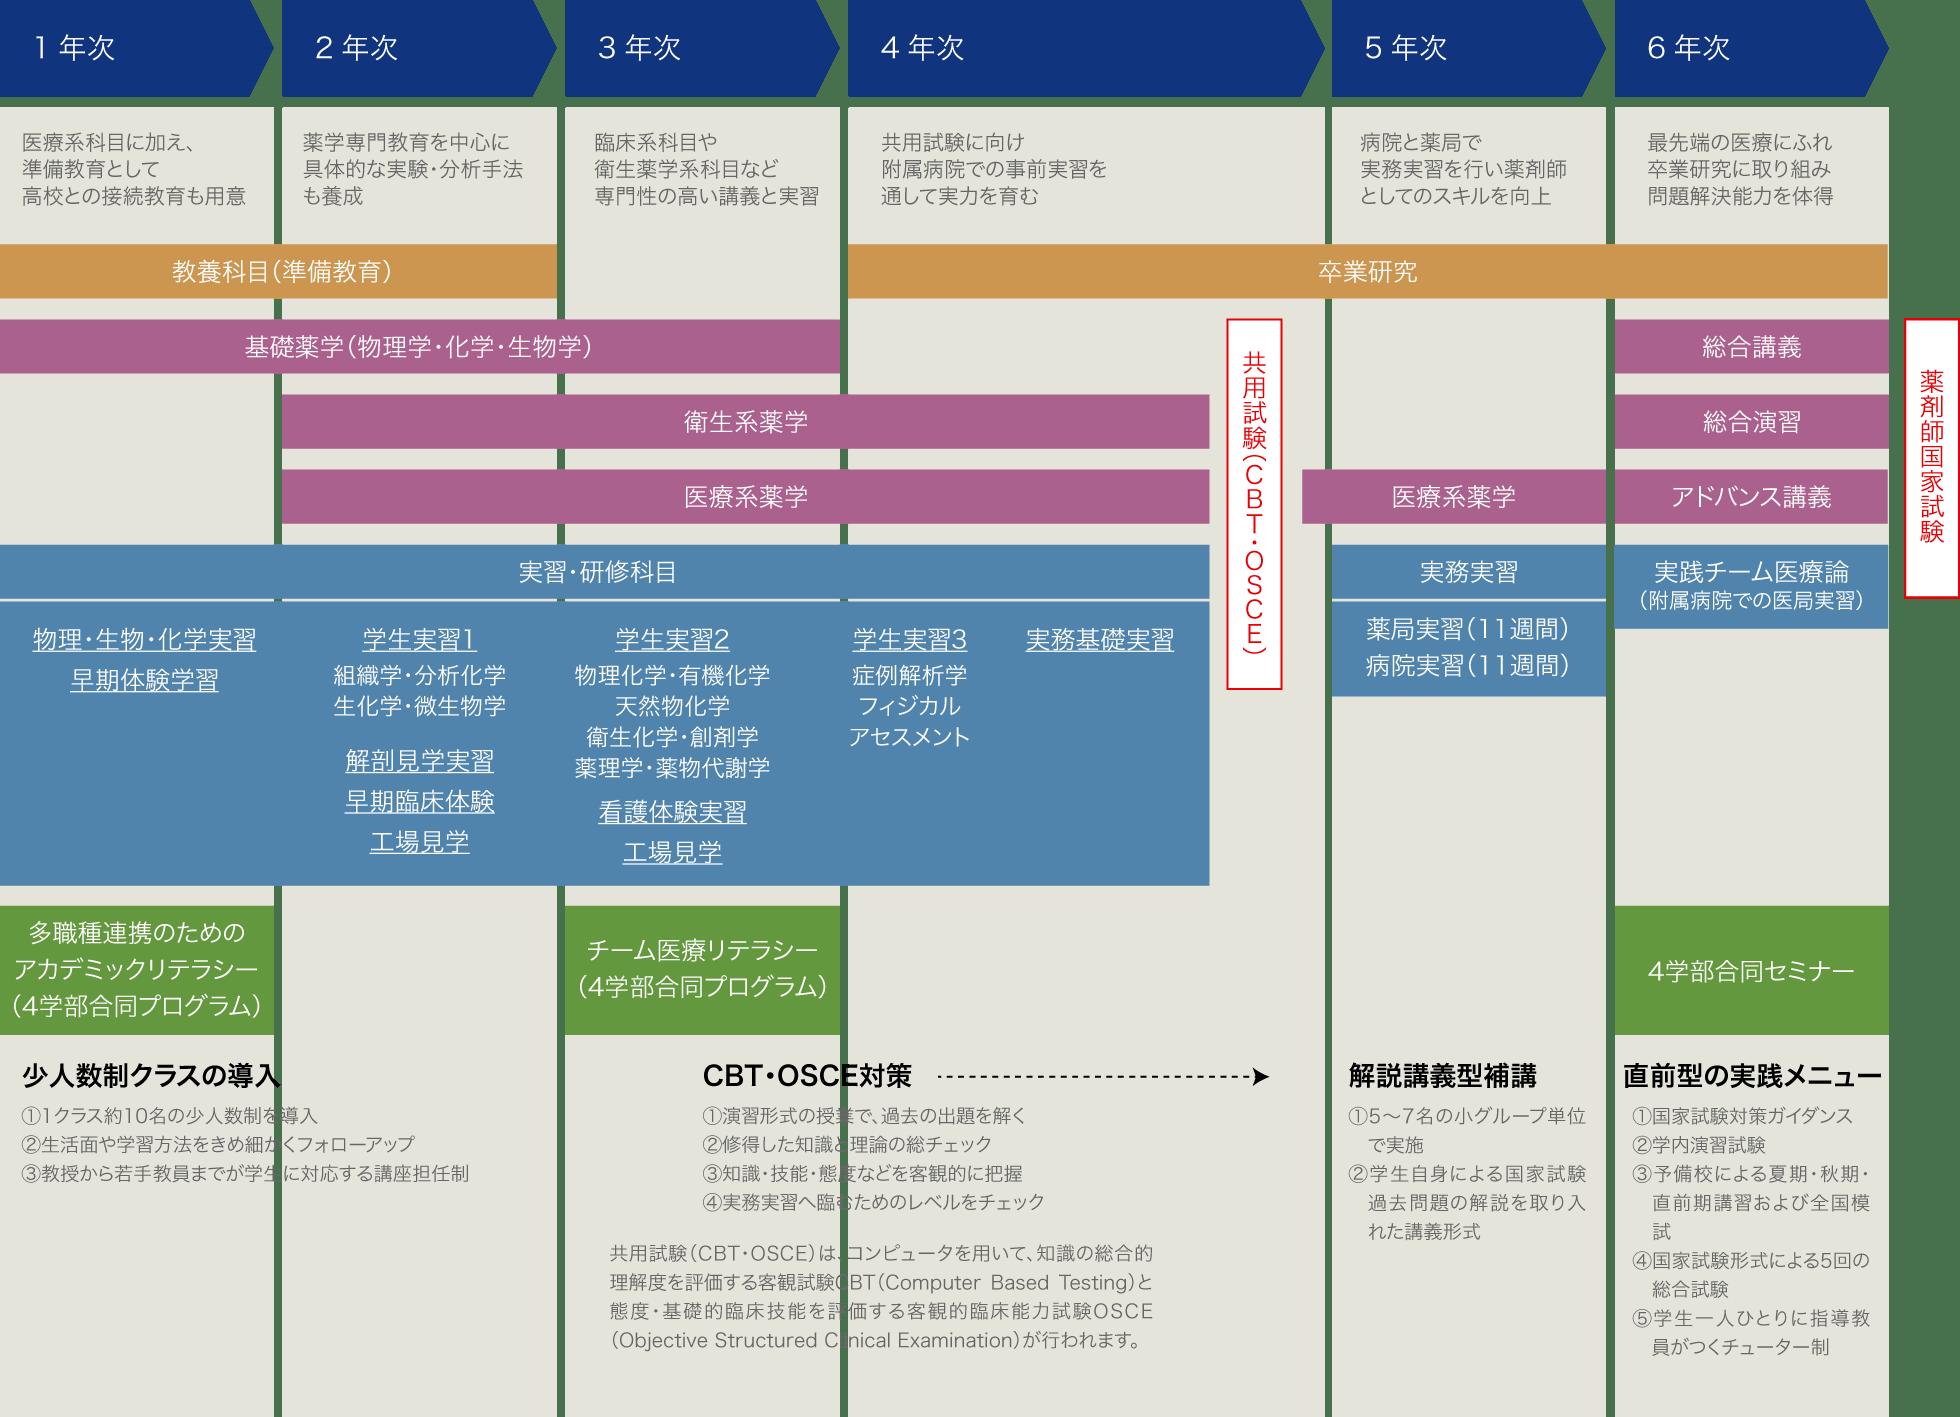 岩手医科大学薬学部でのカリキュラム/実習・研究